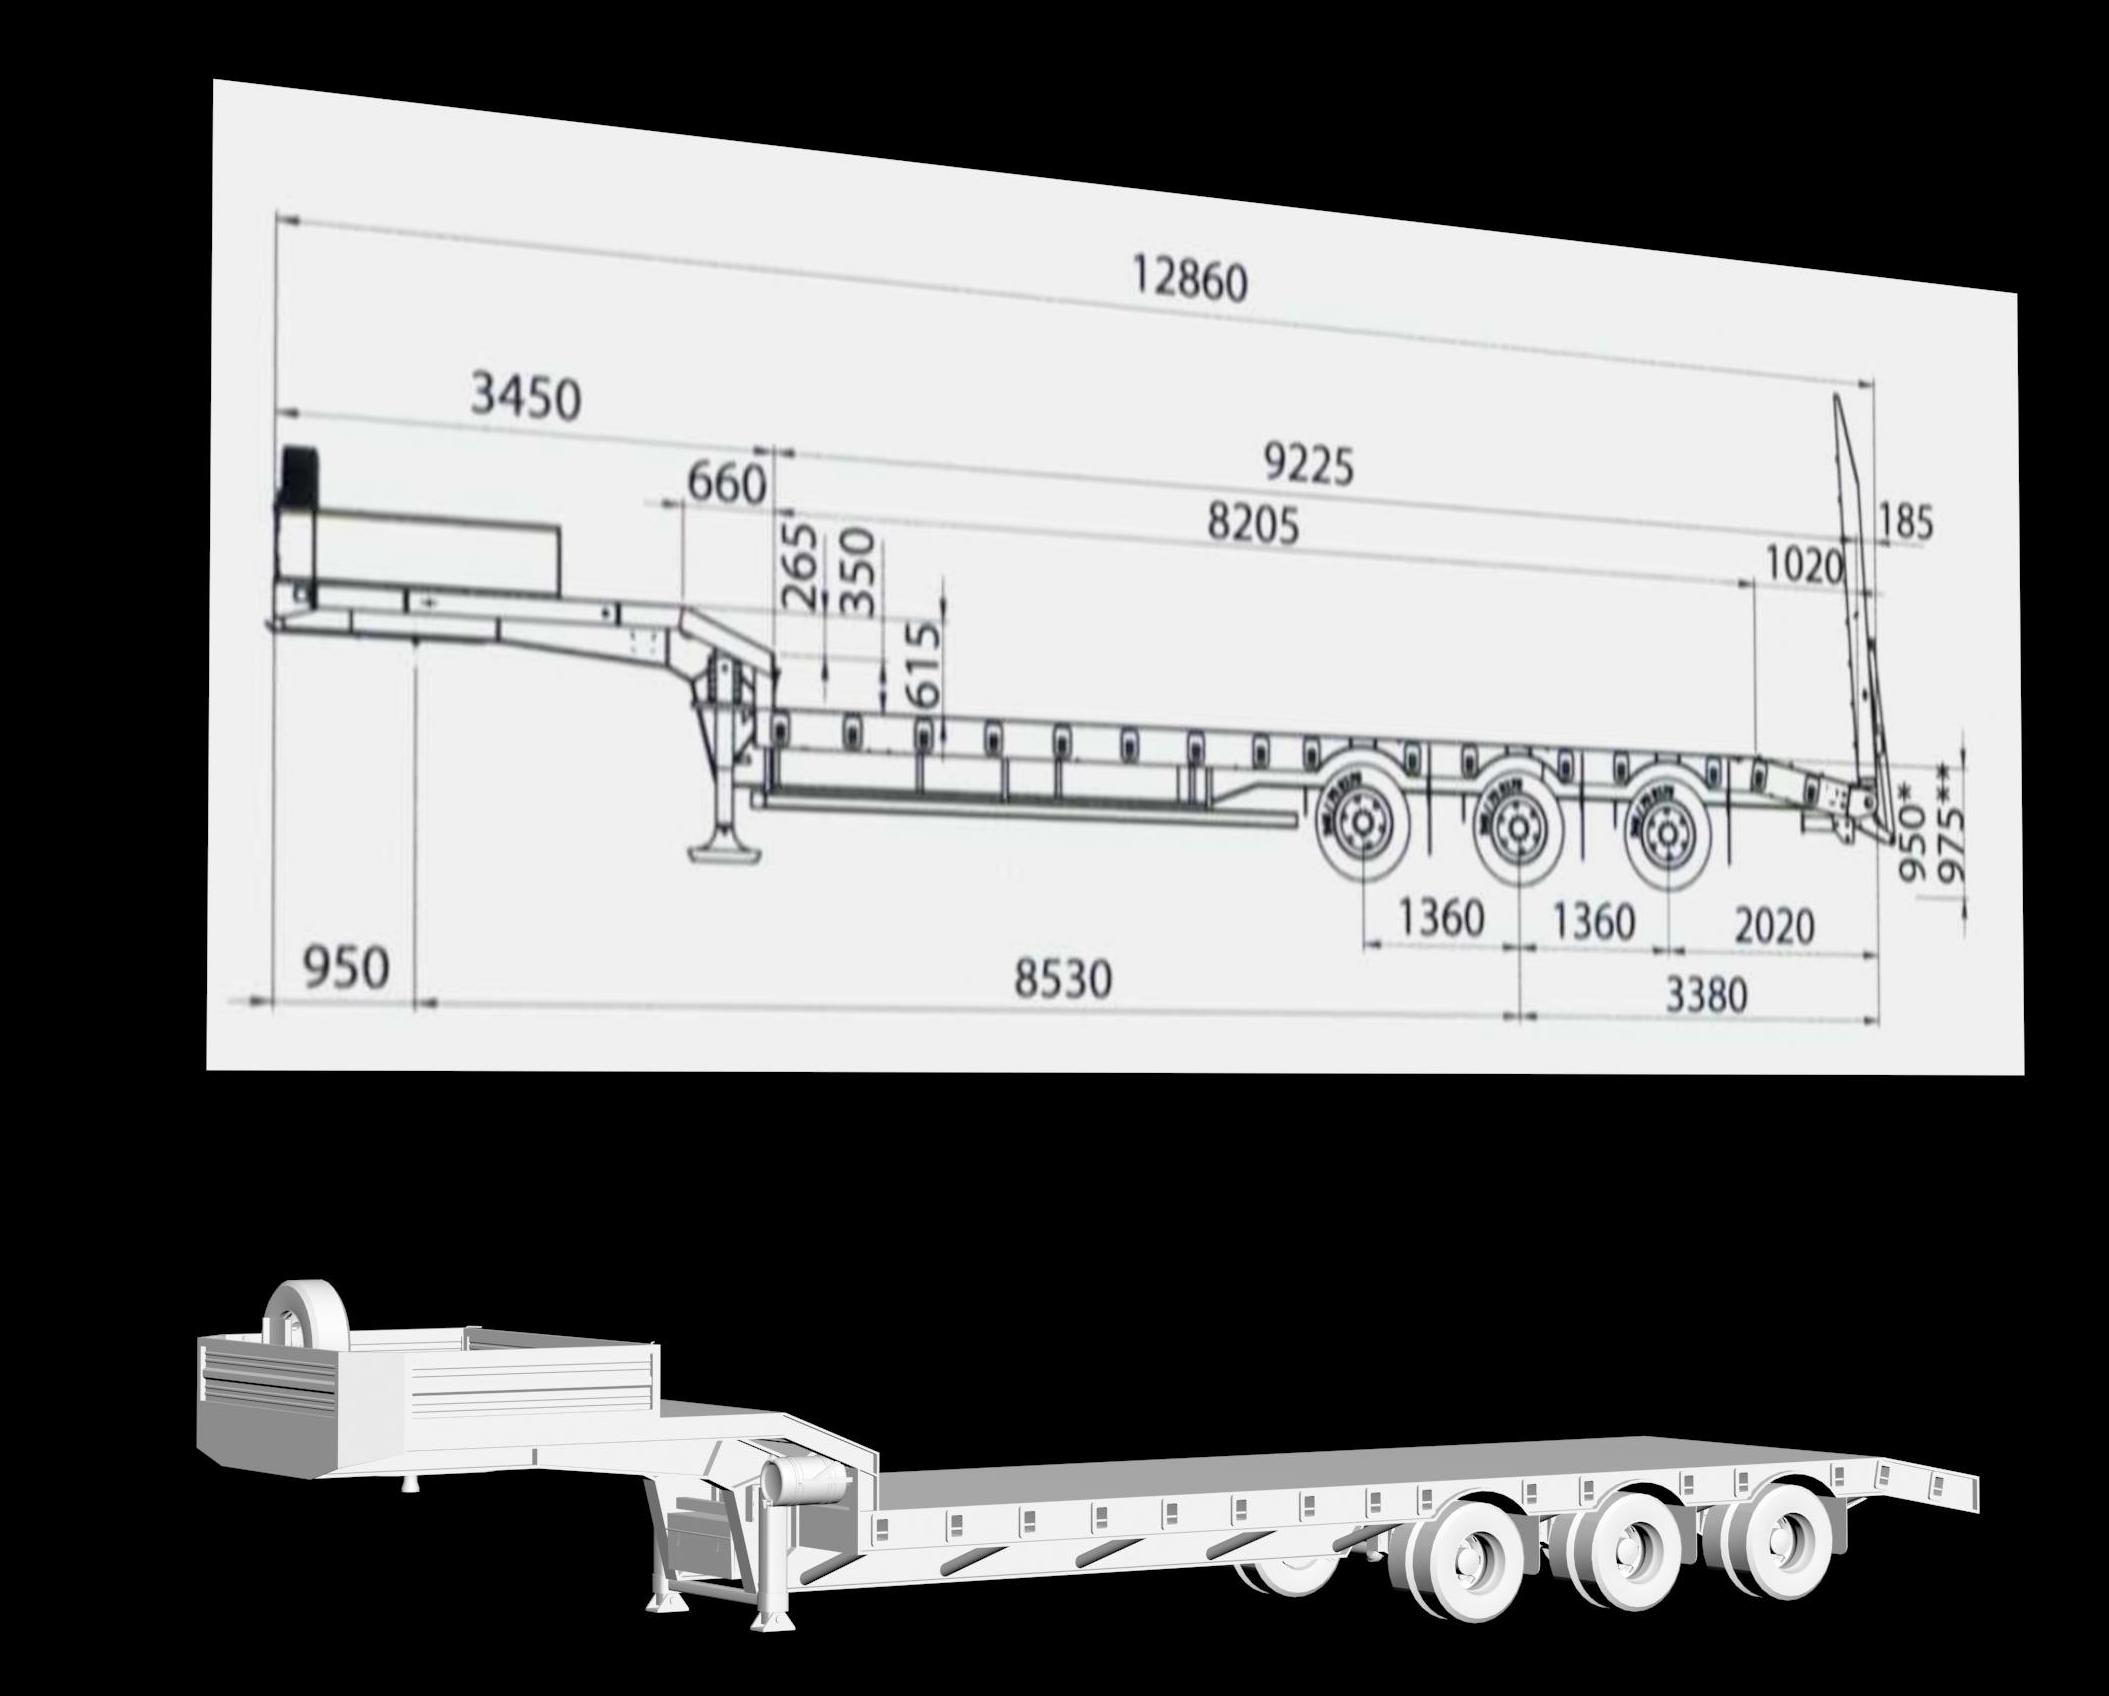 [Encuesta][T.E.P.] Proyecto Aguas Tenias (22 modelos + 1 Camión) [Terminado 21-4-2014]. - Página 4 48dbxyh